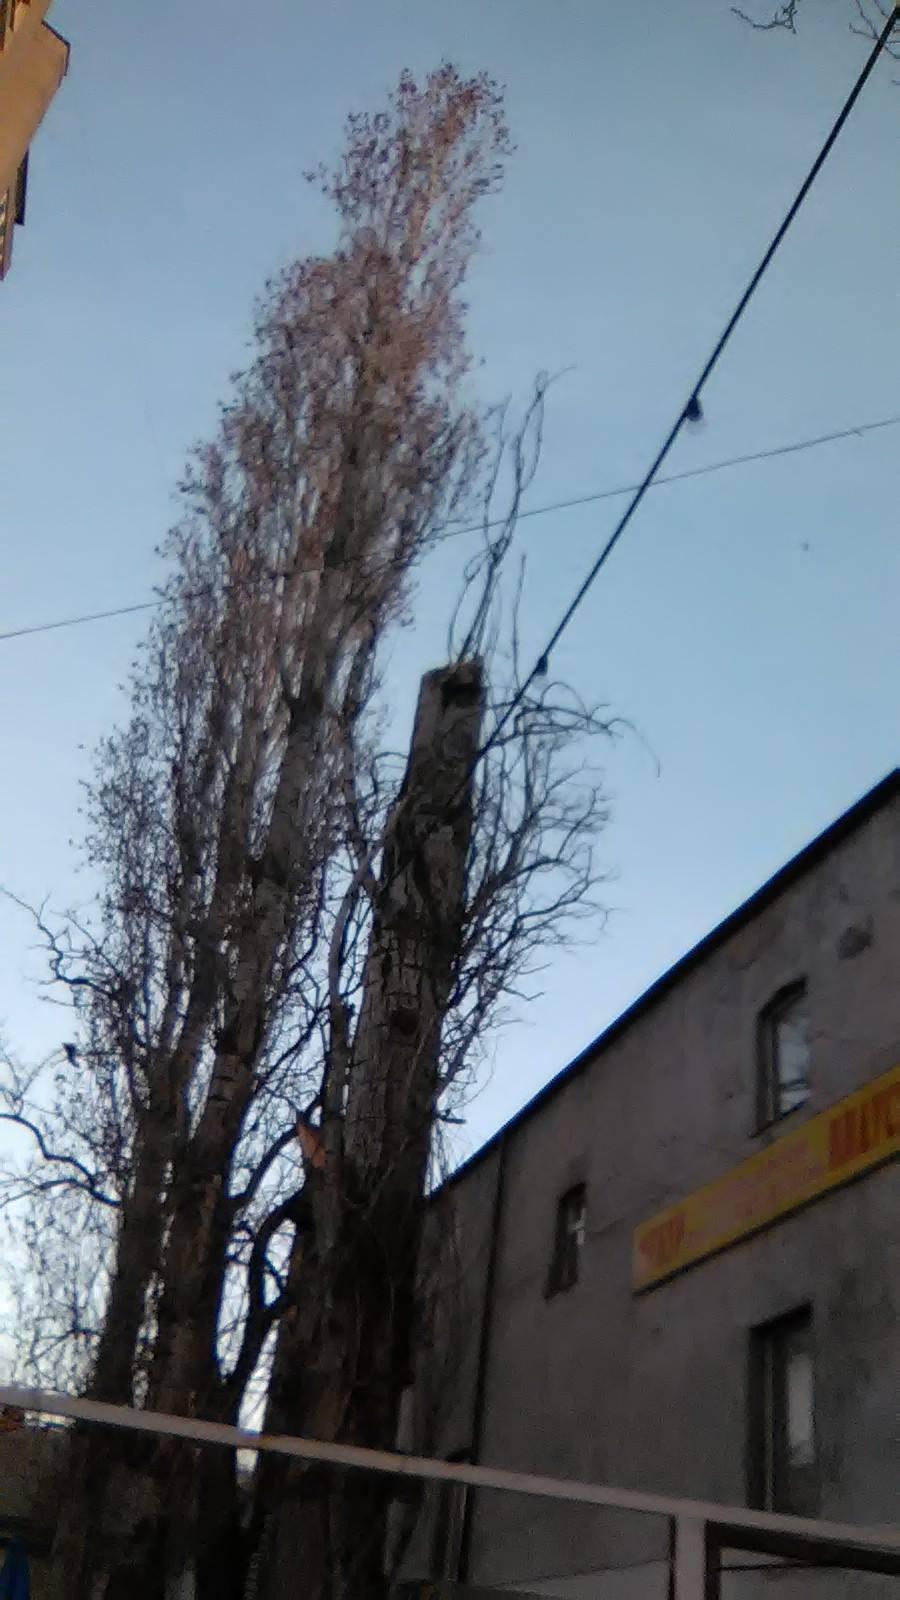 Повилазило: у Миколаєві комунальники два тижні не бачили поламаного дерева - фото 2